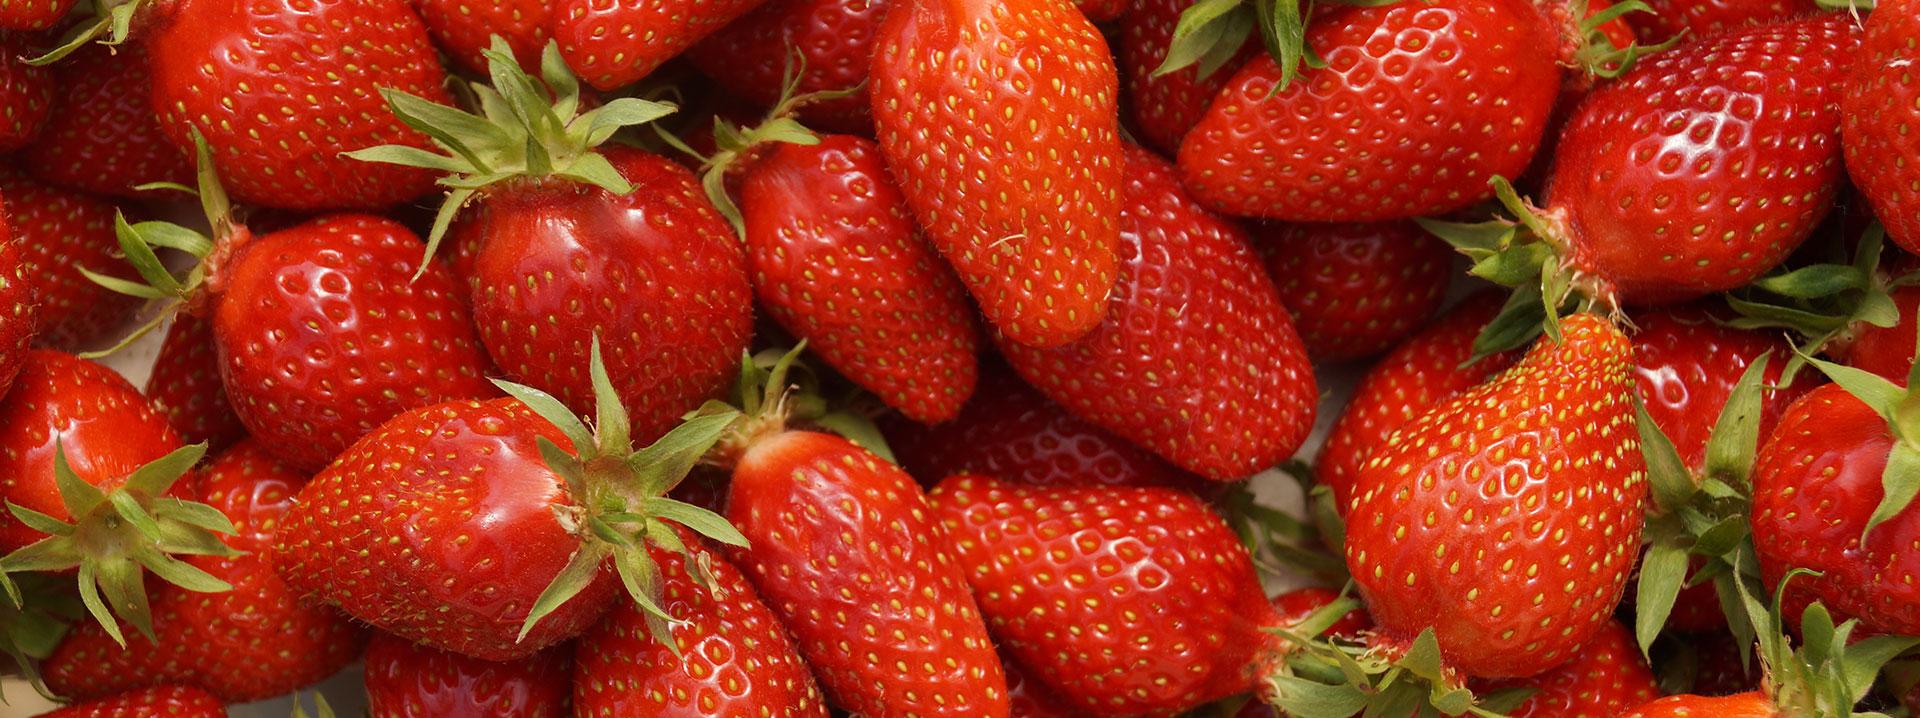 Le Rheu Maraîchers, producteur de fraises